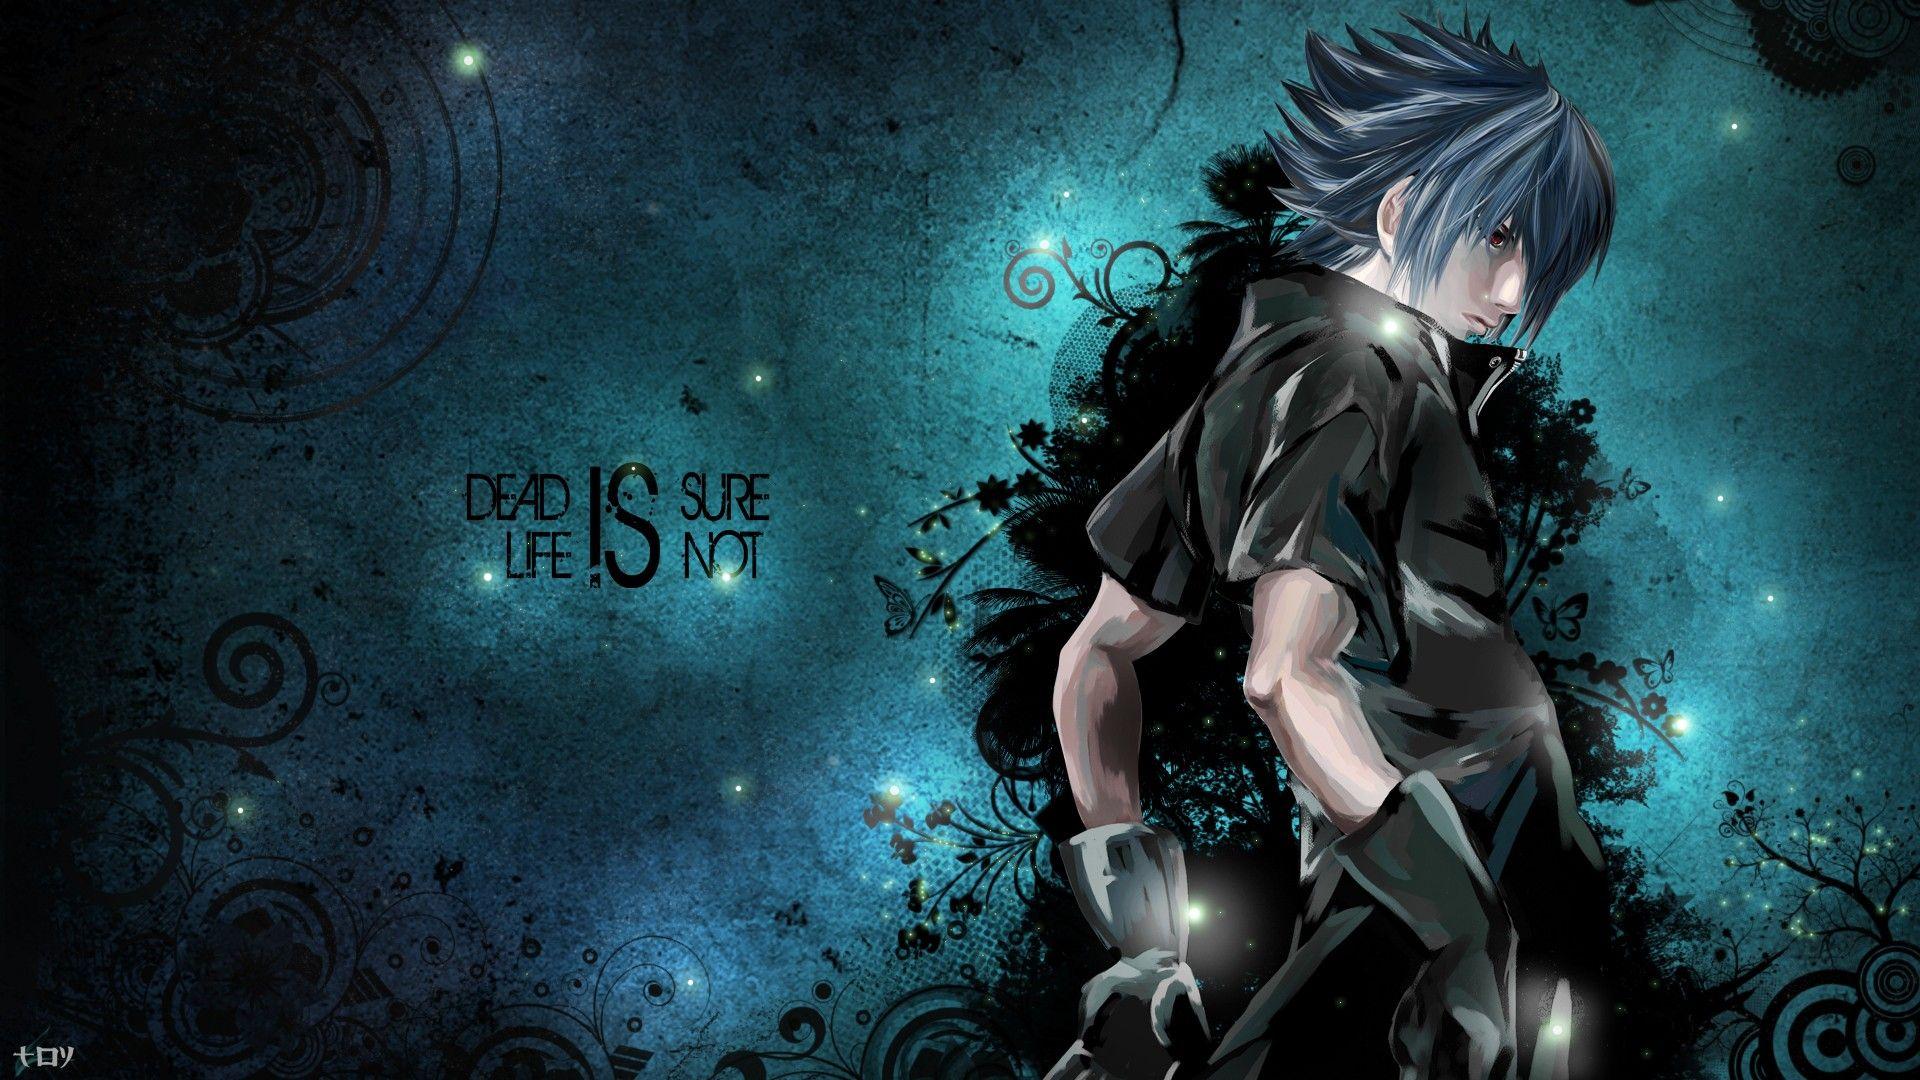 Noel Kreiss Final Fantasy Xiii Wallpaper Final Fantasy Wallpaper Hd Cool Anime Wallpapers Anime Wallpaper